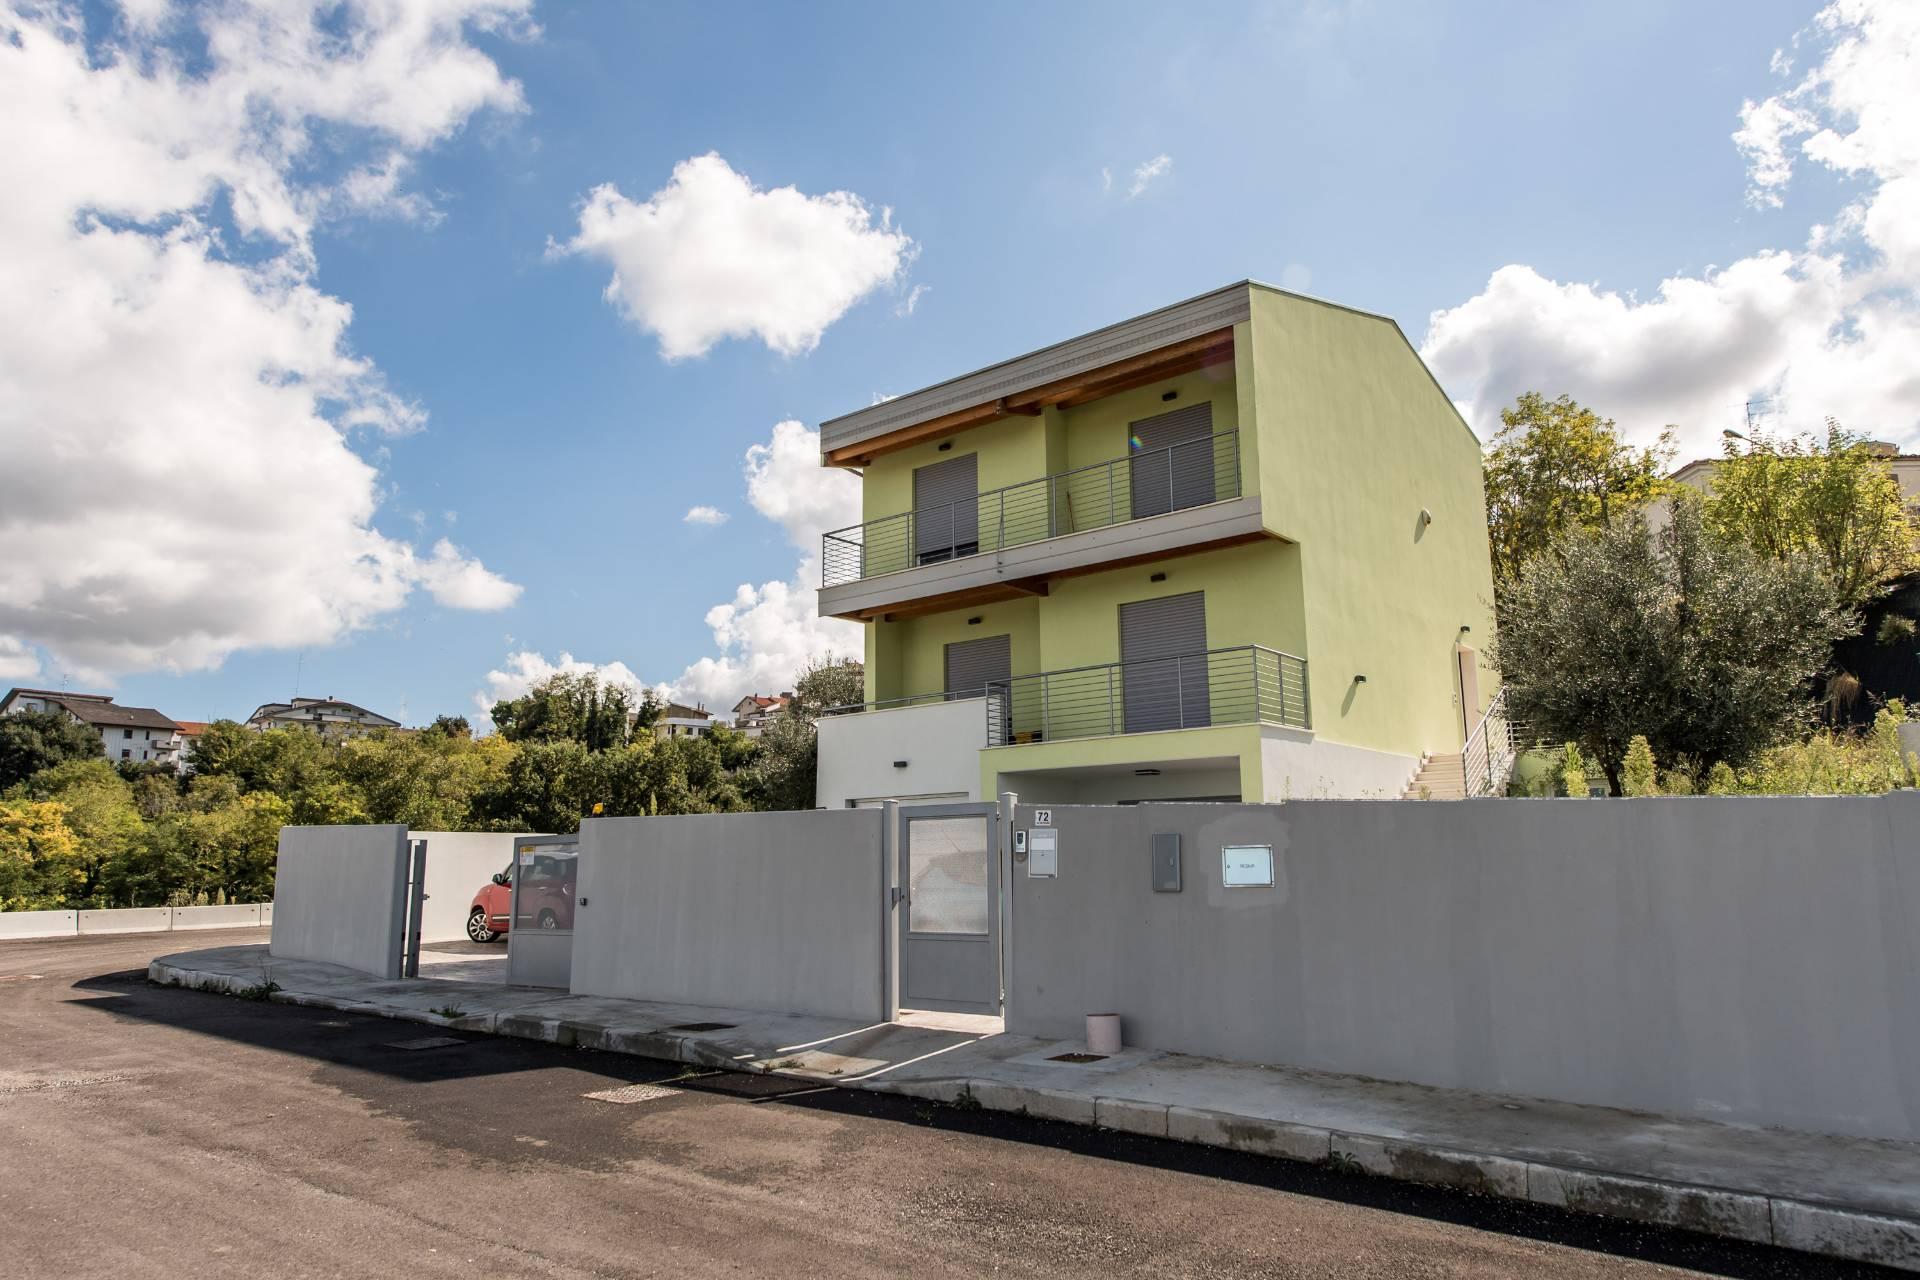 Villa in vendita a Chieti, 8 locali, zona Zona: Semicentro, prezzo € 480.000 | Cambio Casa.it